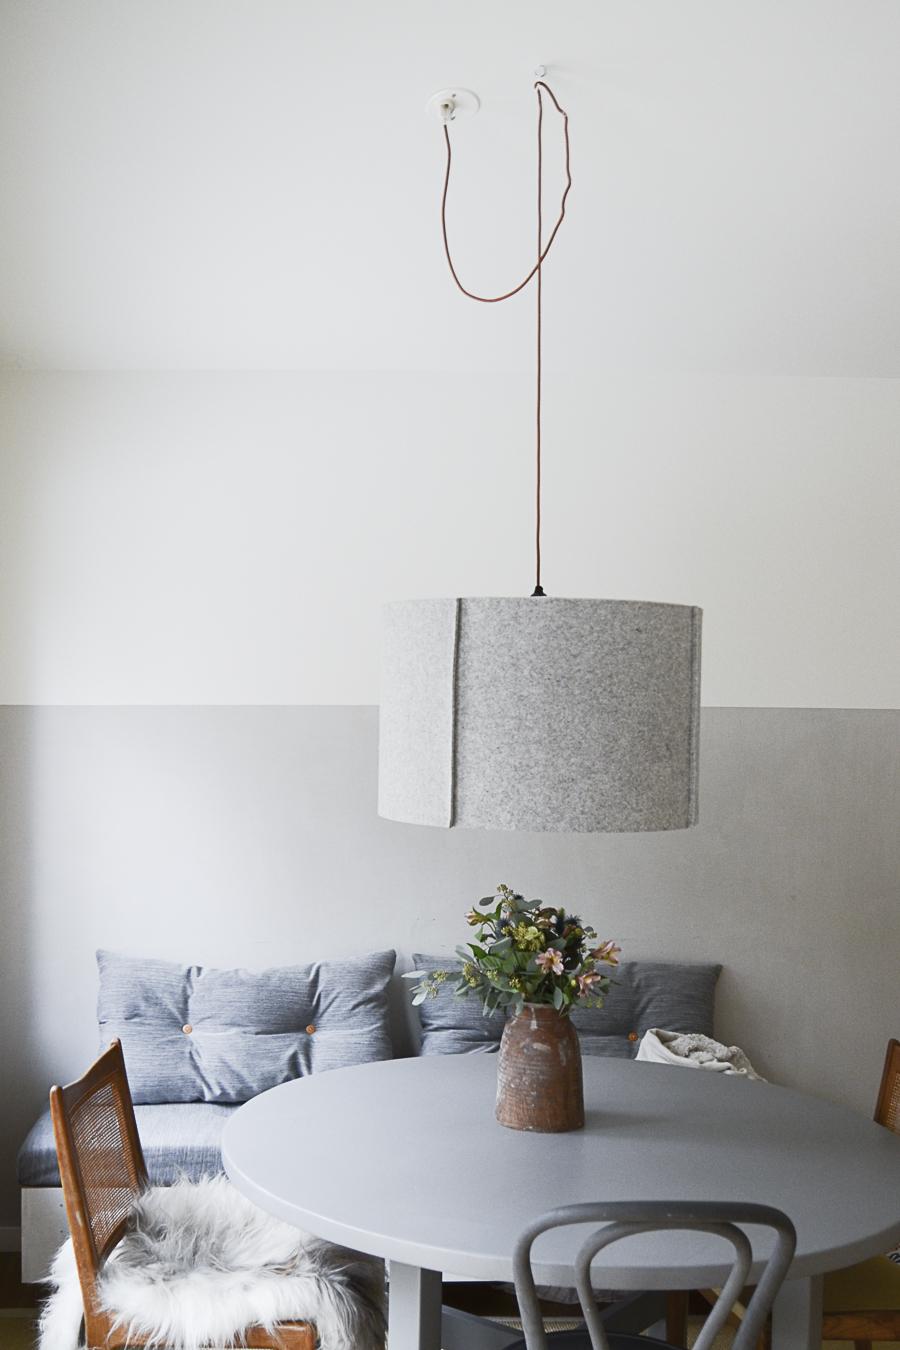 diy-lampa-06